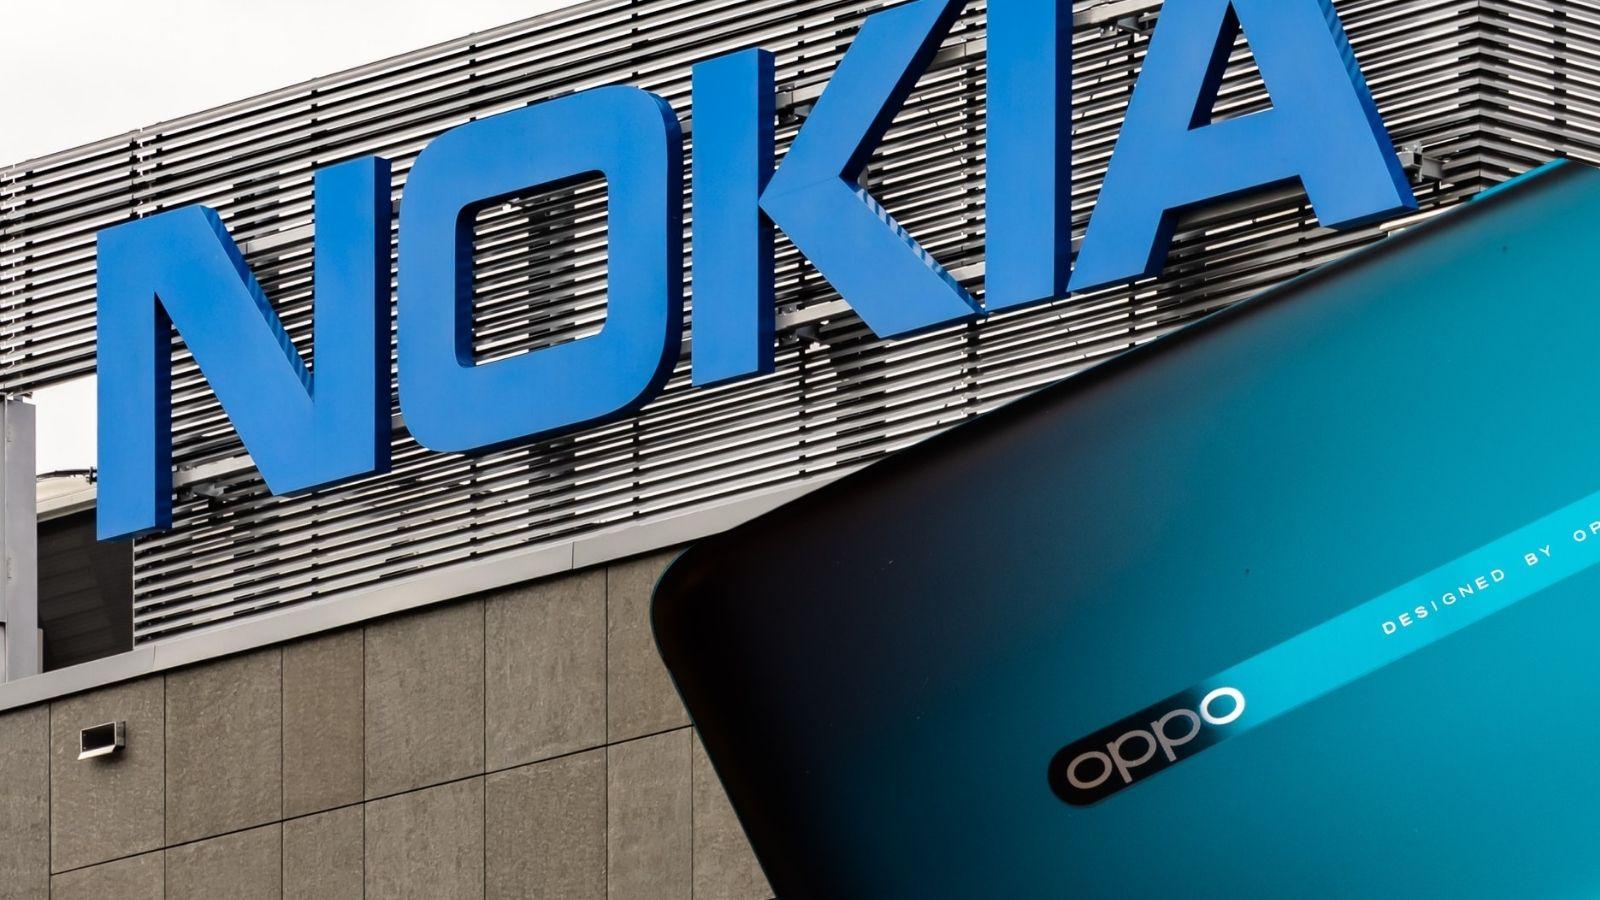 Nokia Oppo